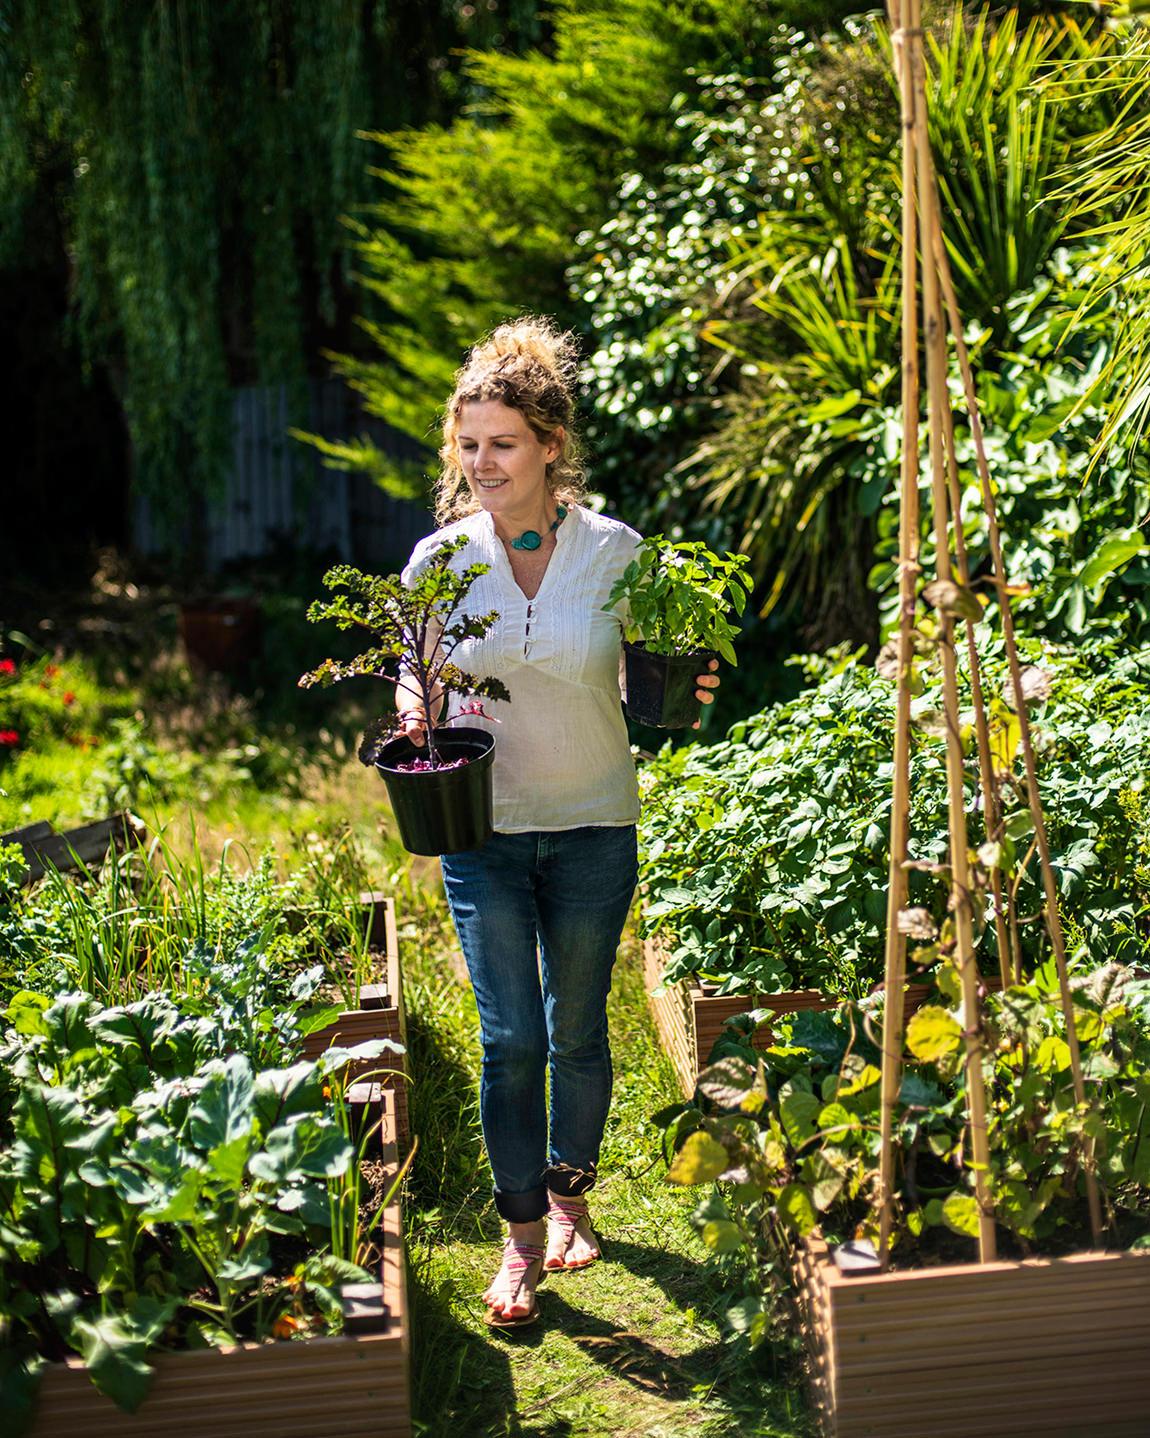 karen with vegetables in permaculture home garden